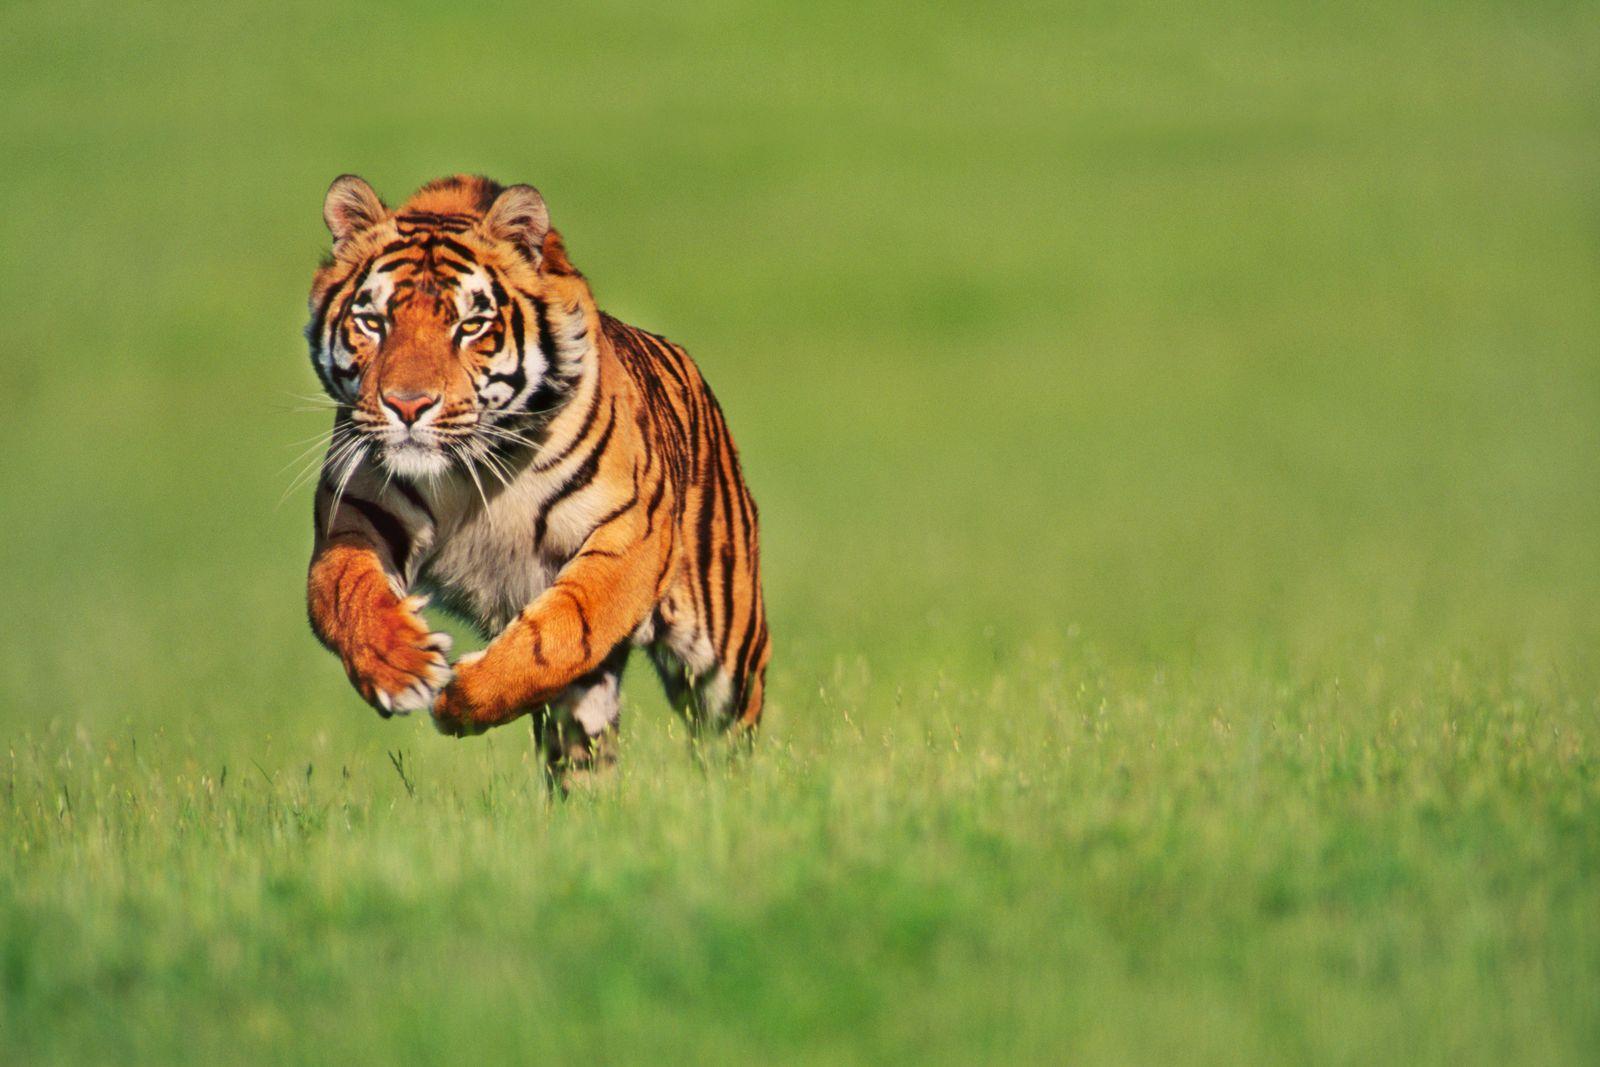 NICHT MEHR VERWENDEN! - Indischer / Bengalischer Tiger / Indien / Raubkatze